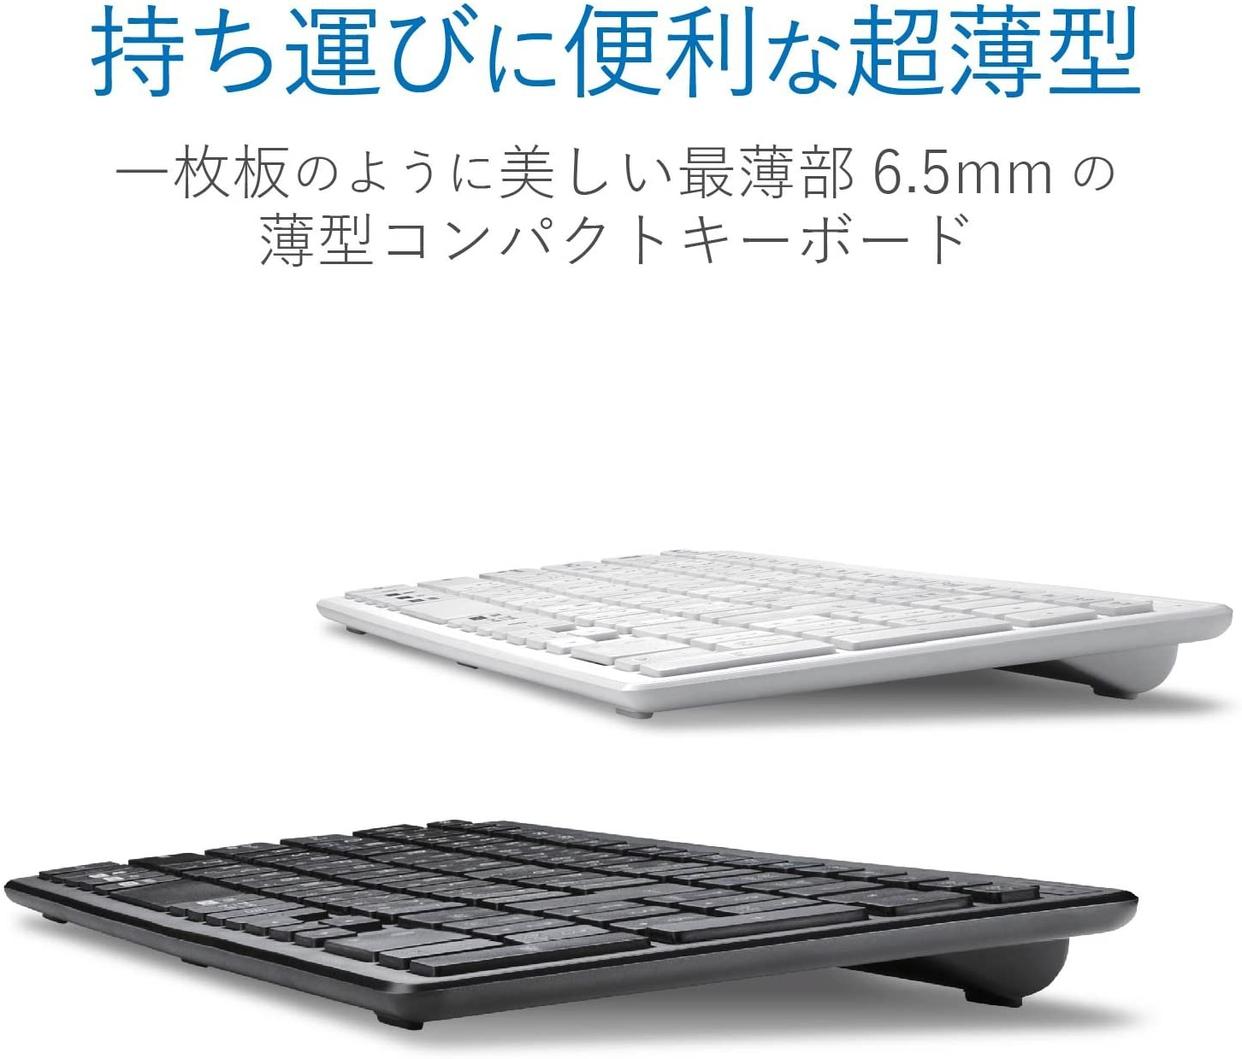 ELECOM(エレコム) 無線超薄型コンパクトキーボード TK-FDP099Tの商品画像4